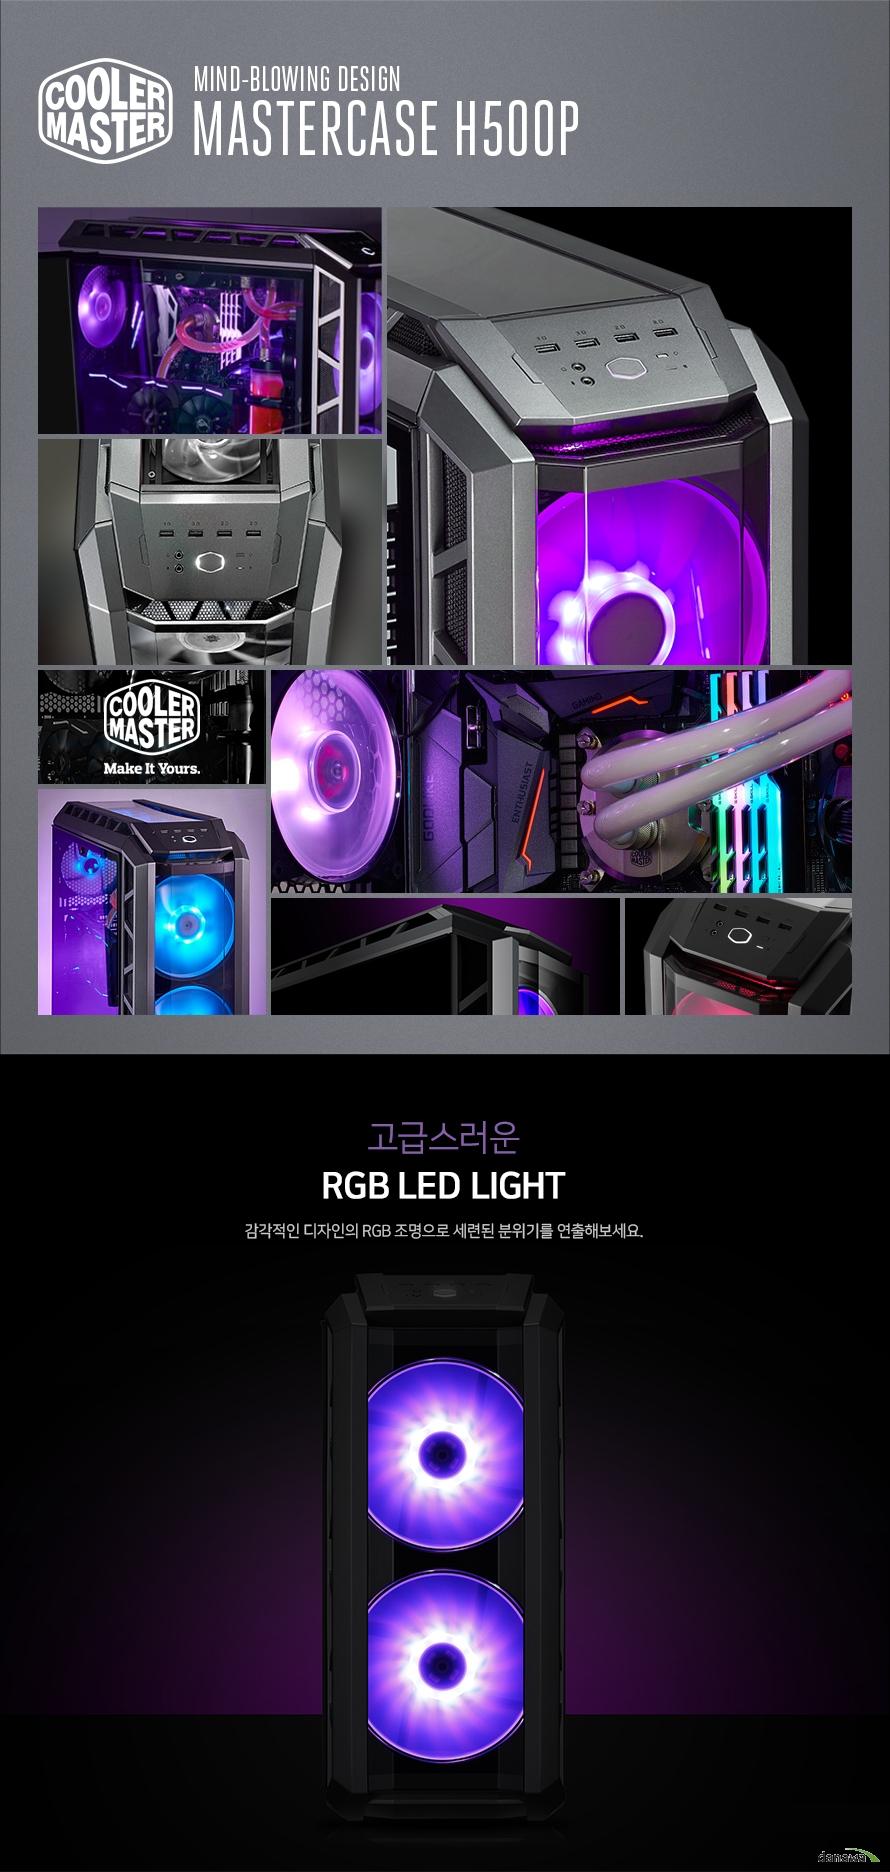 고급스러운RGB LED LIGHT감각적인 디자인의 RGB 조명으로 세련된 분위기를 연출해보세요.